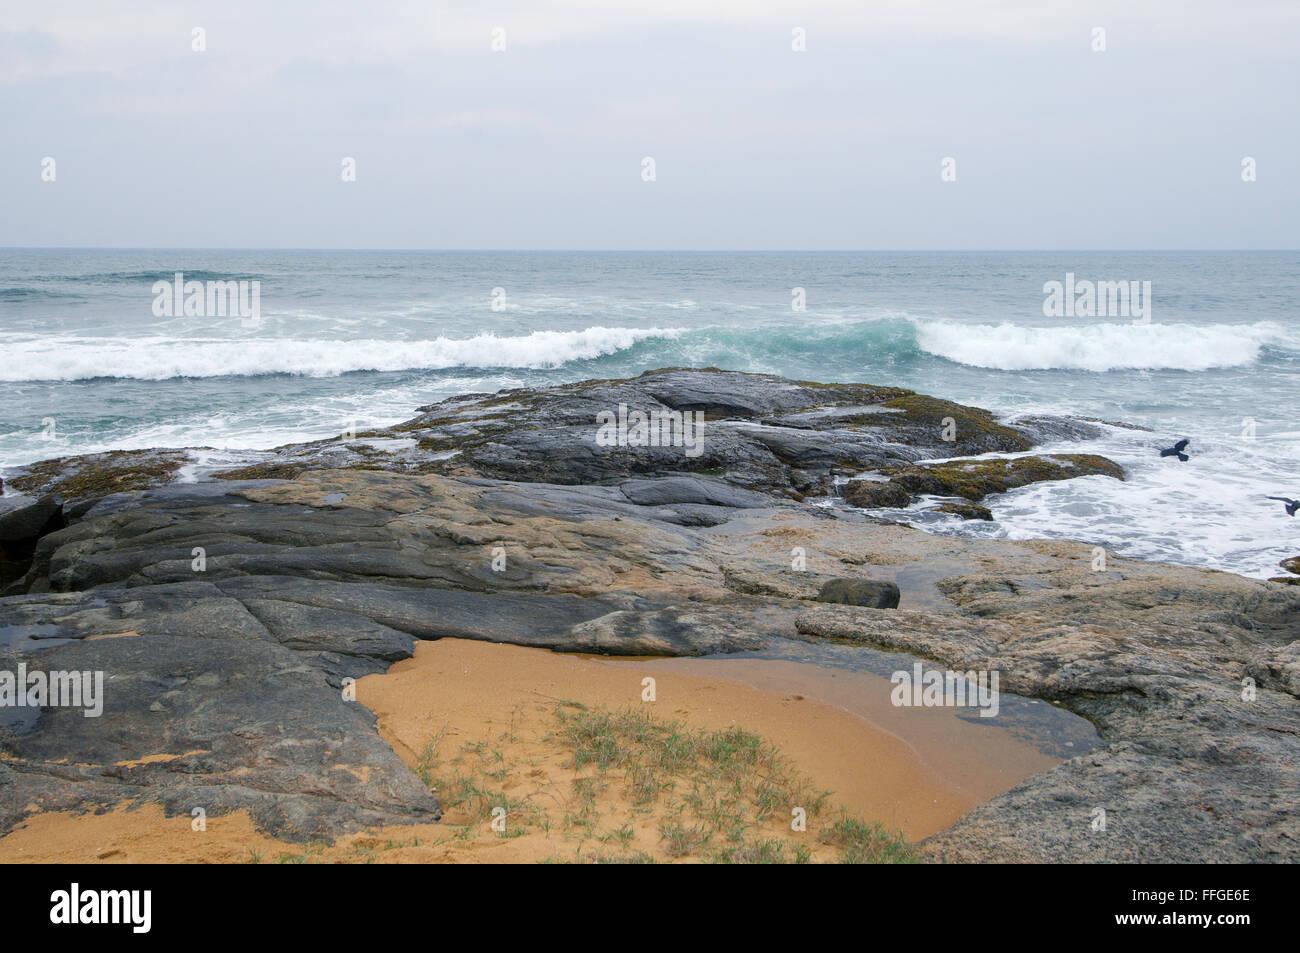 Sponde rocciose dell'Oceano Indiano, Hikkaduwa, Sri Lanka, Sud Asia Immagini Stock